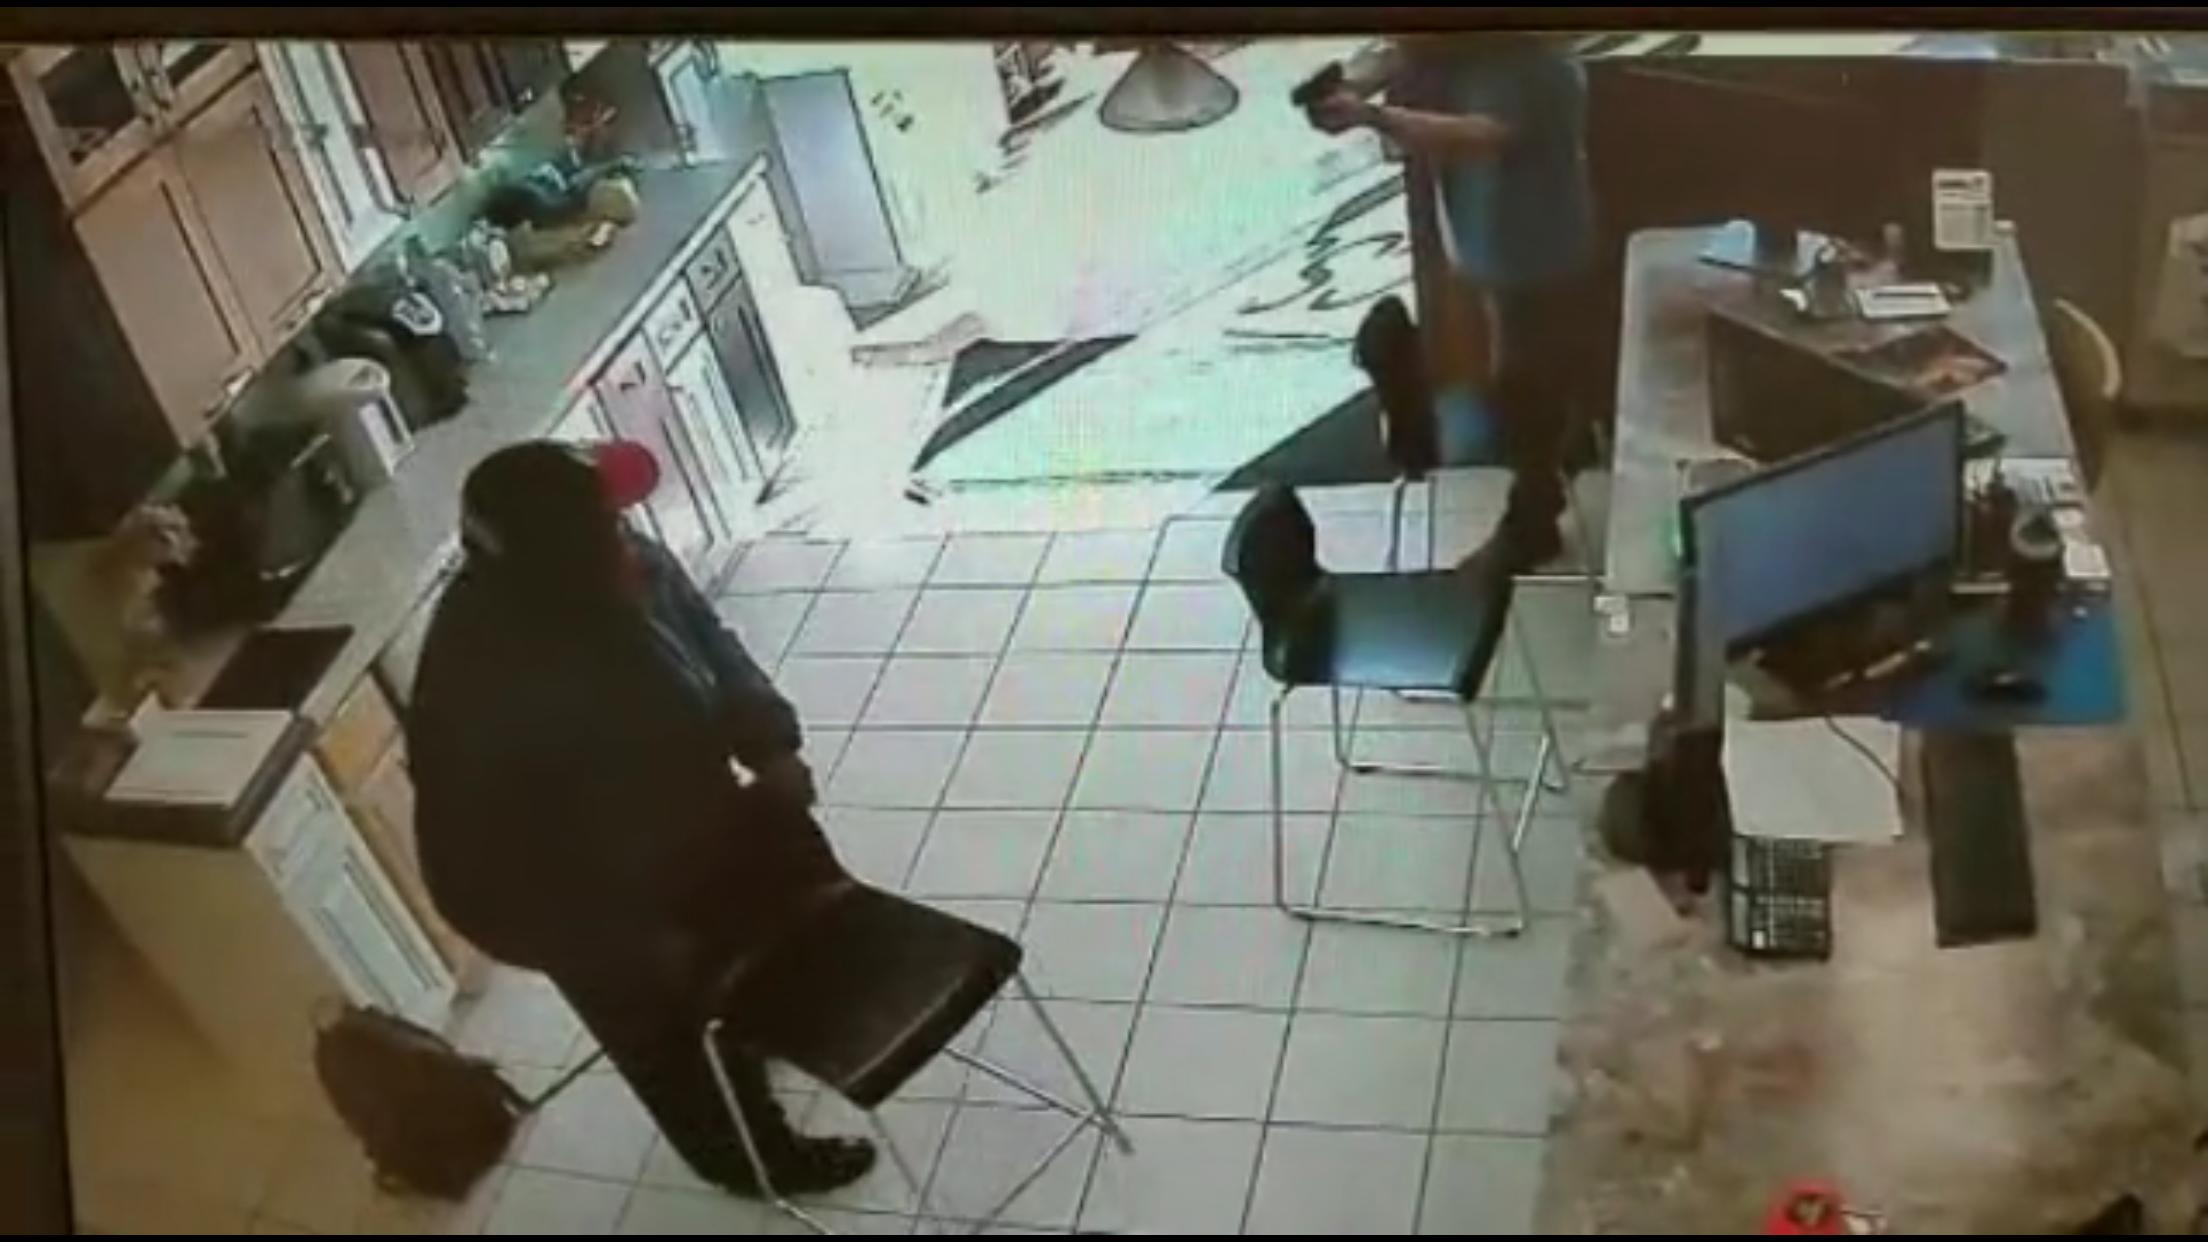 非裔嫌犯進入金麟櫥櫃鬧事索財,被華裔店主譚一文拔槍嚇退。(監視影片截圖)